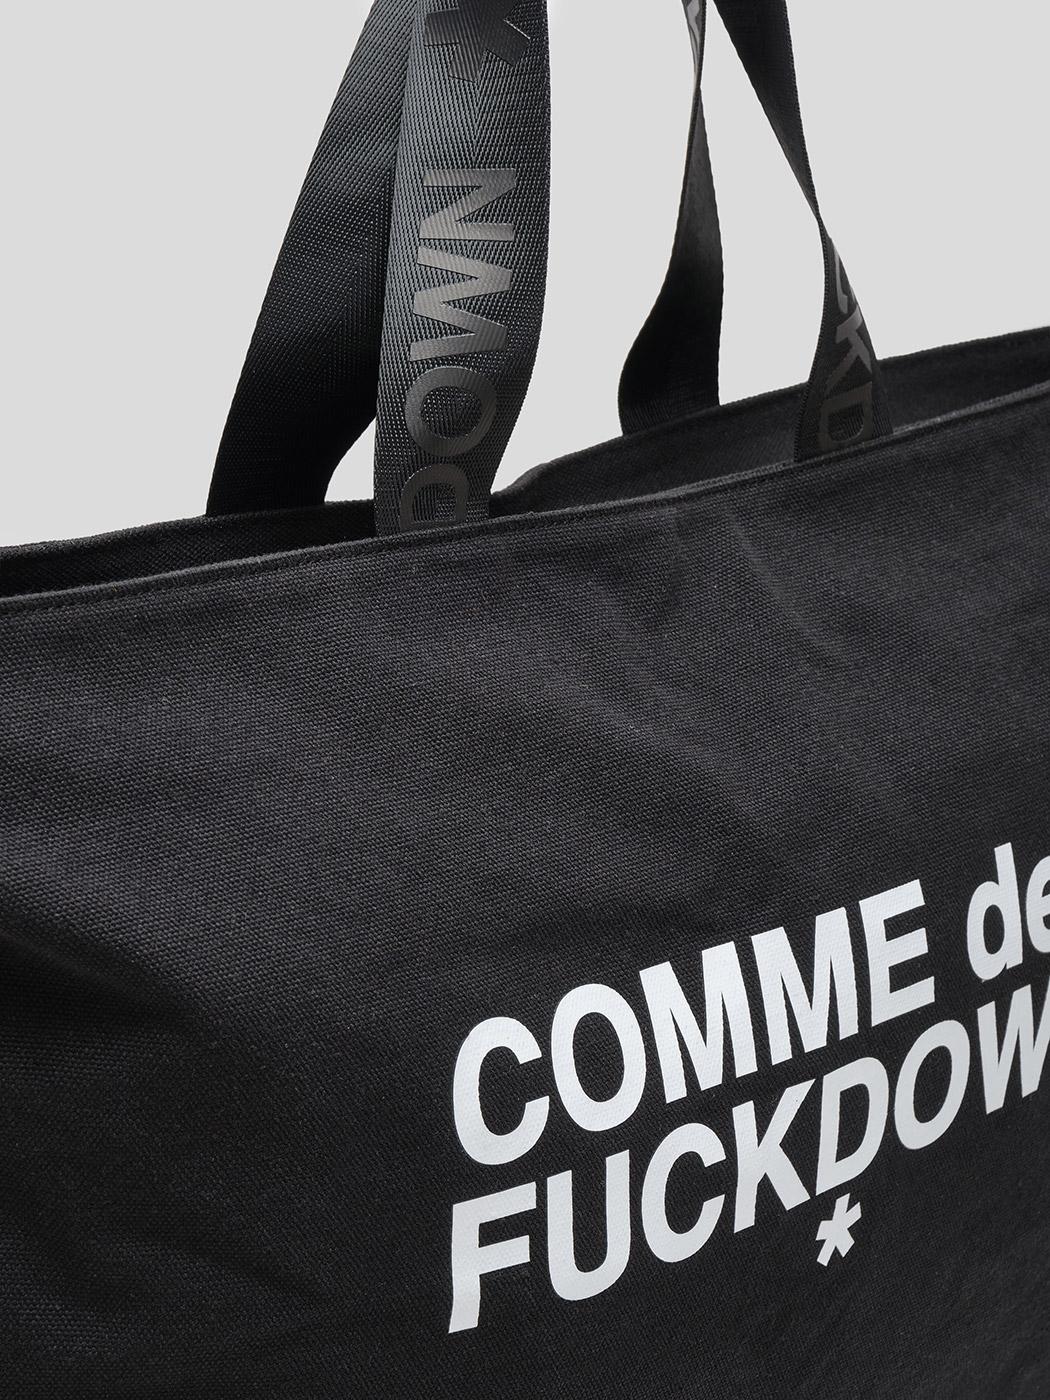 BAG - CDFA569 - COMME DES FKDOWN